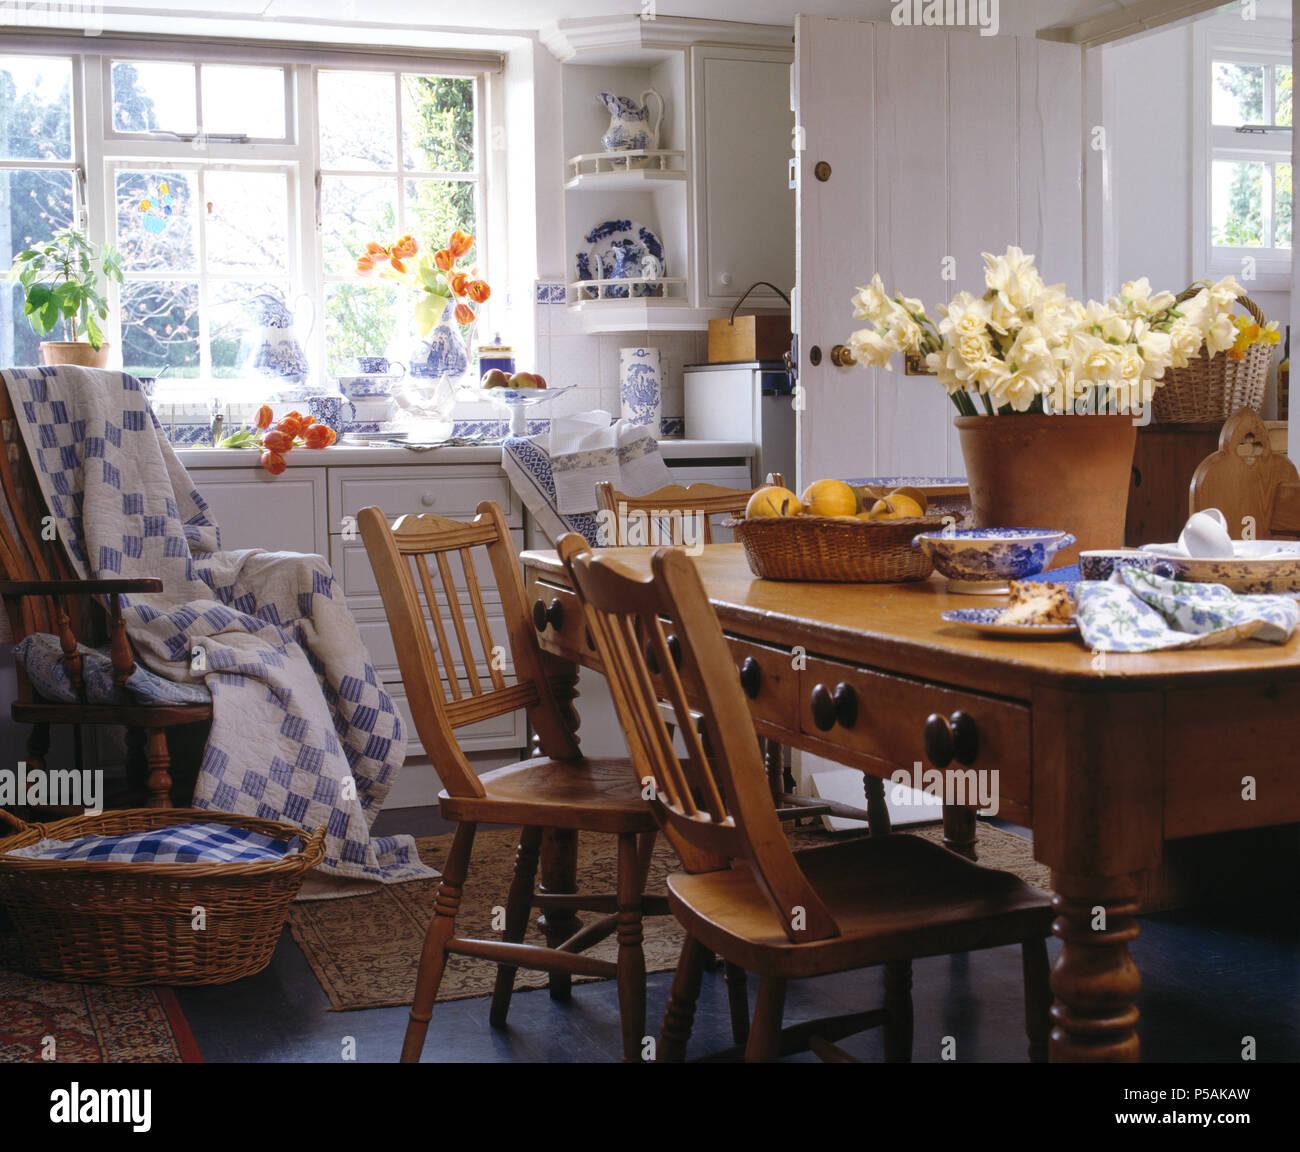 Kiefer Tisch und Stühle im Cottage Küche mit Blau + weiß Patchwork ...